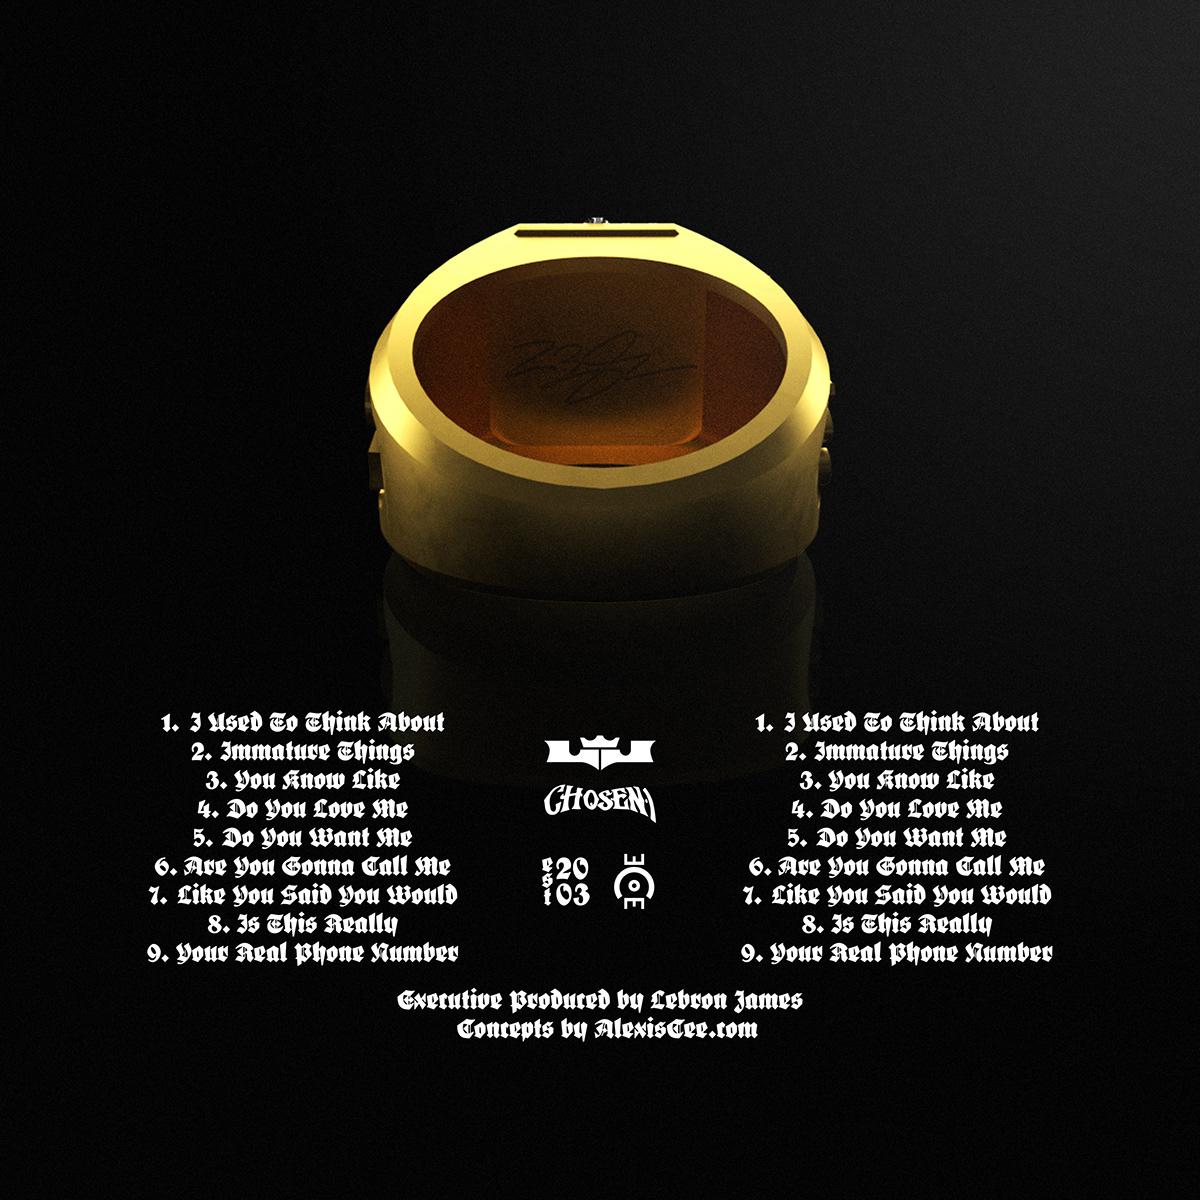 2chainz album concept Chosen 1 king james LeBron James NBA Nike ohio